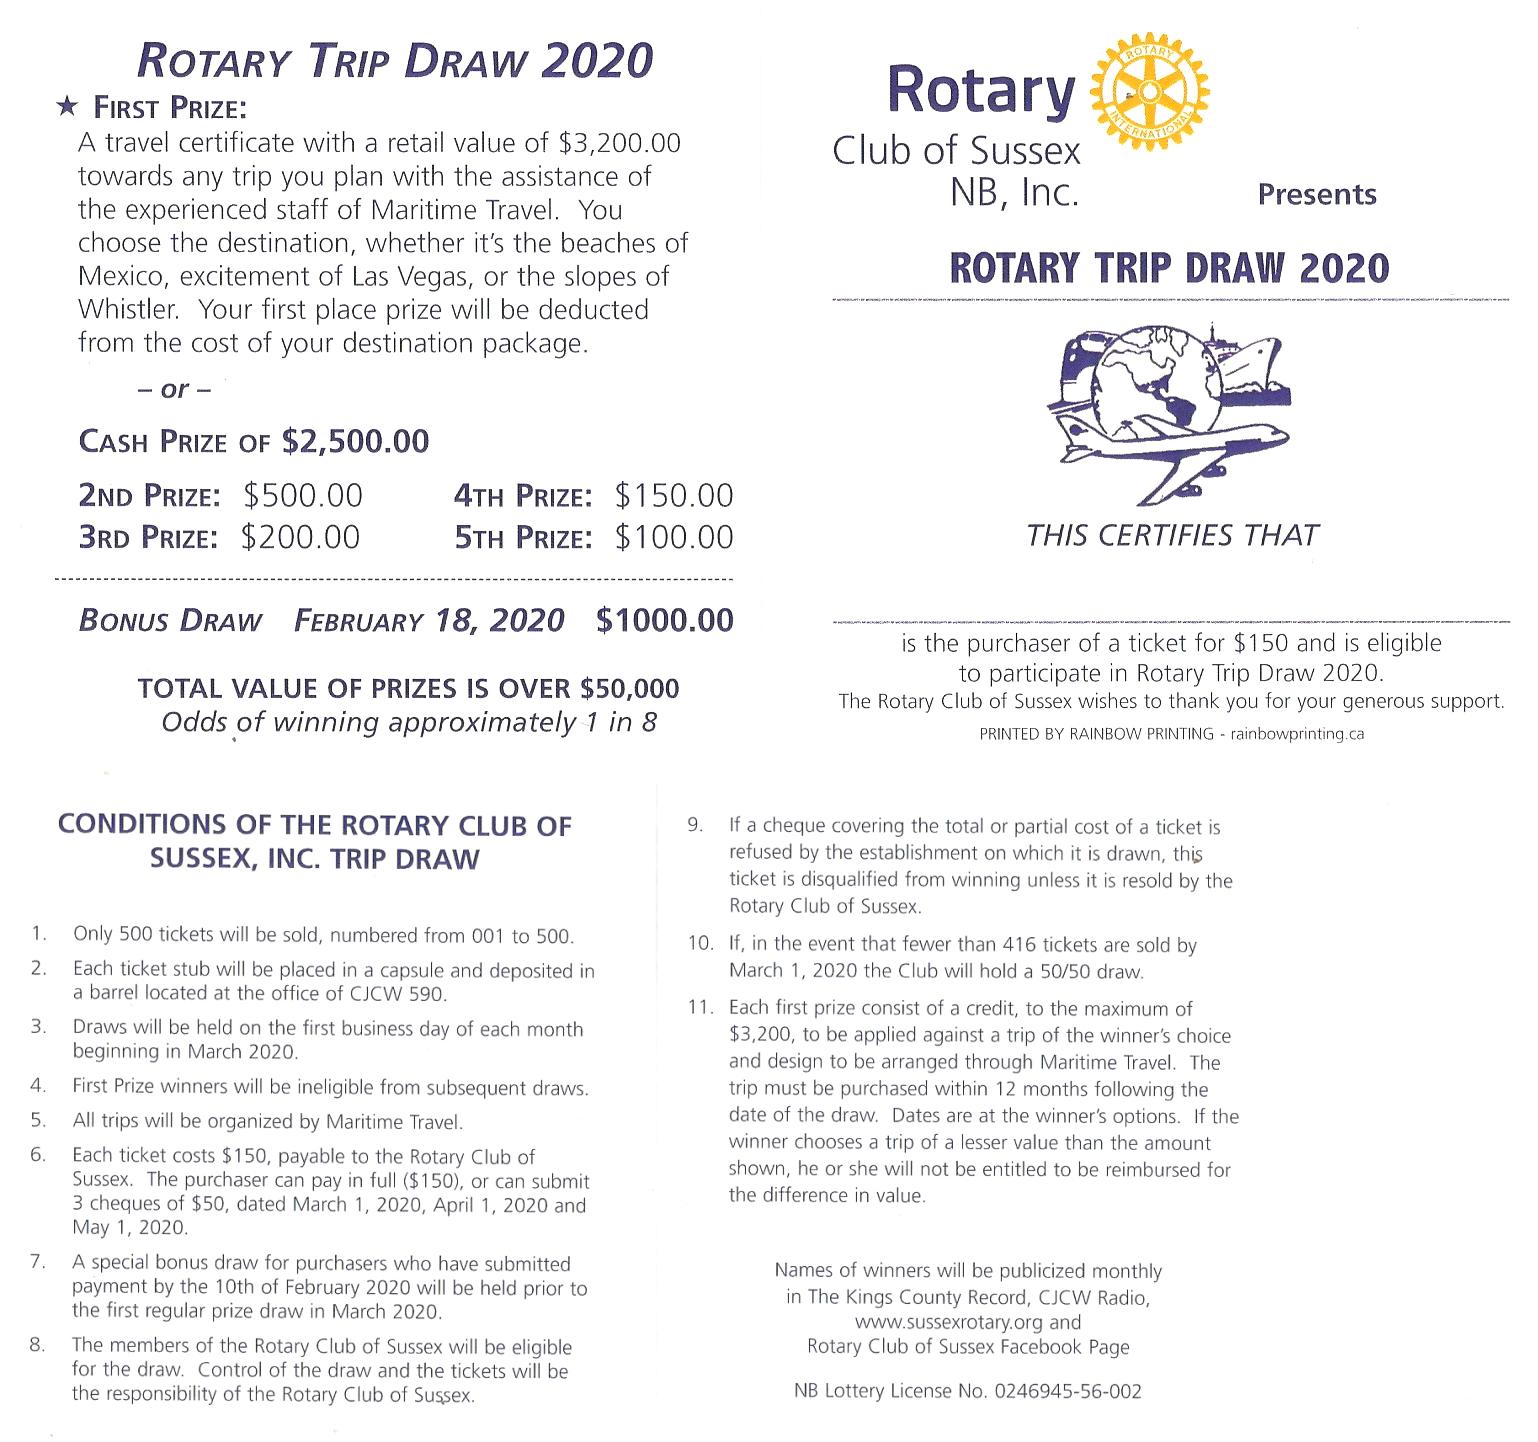 Rotary Trip Draw 2020